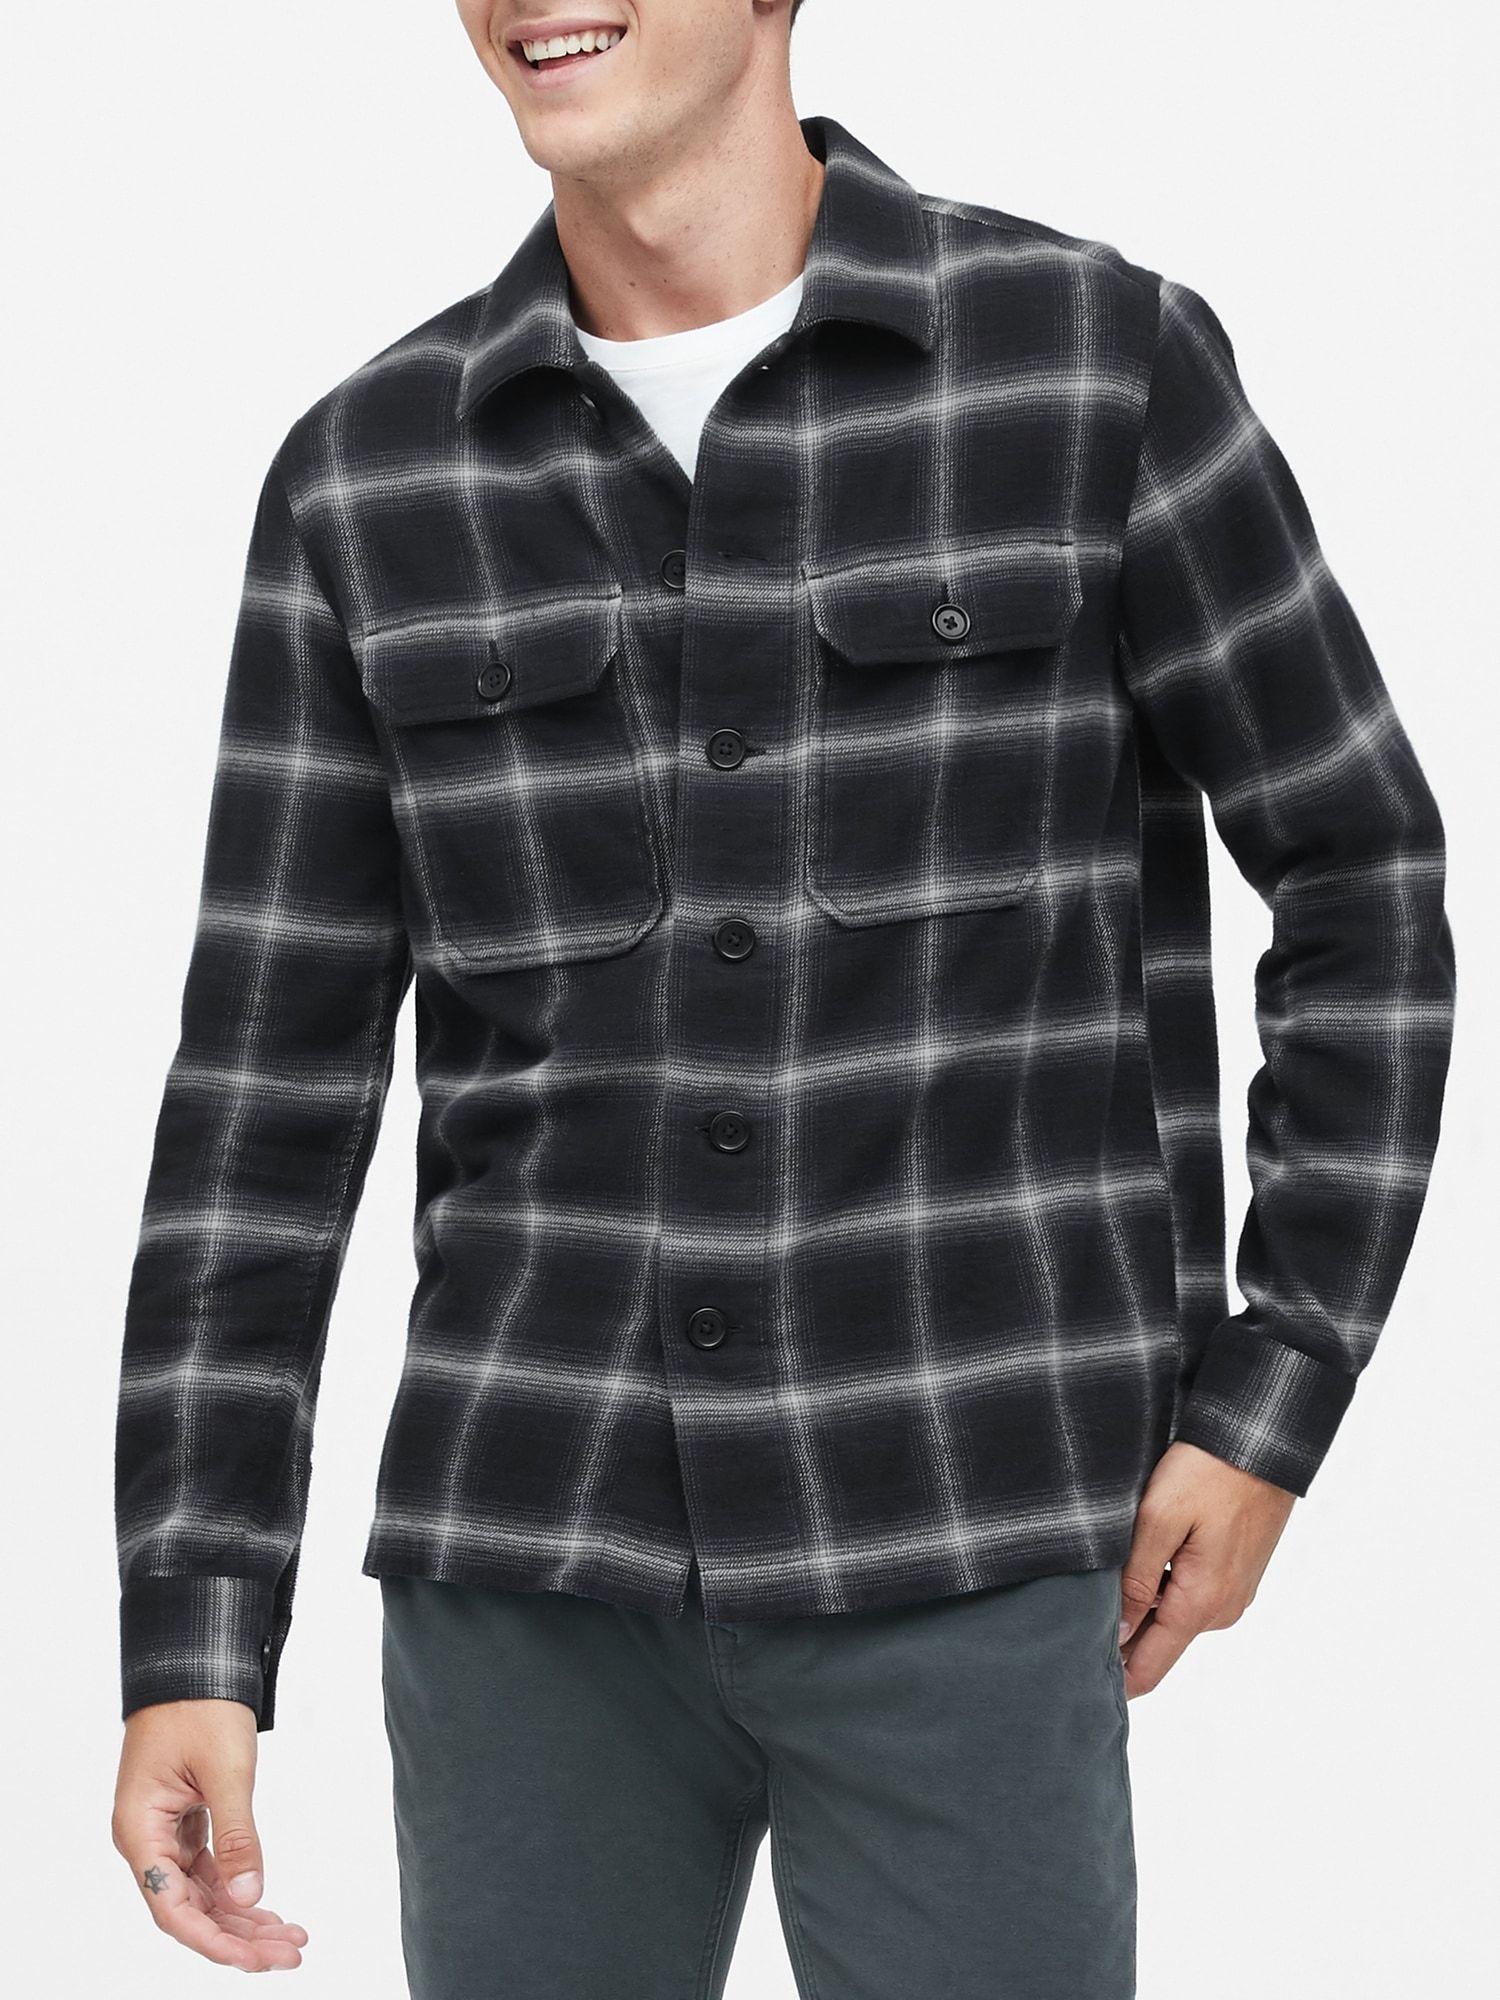 SlimFit Shirt Jacket Shirt jacket, Mens tops, Jackets